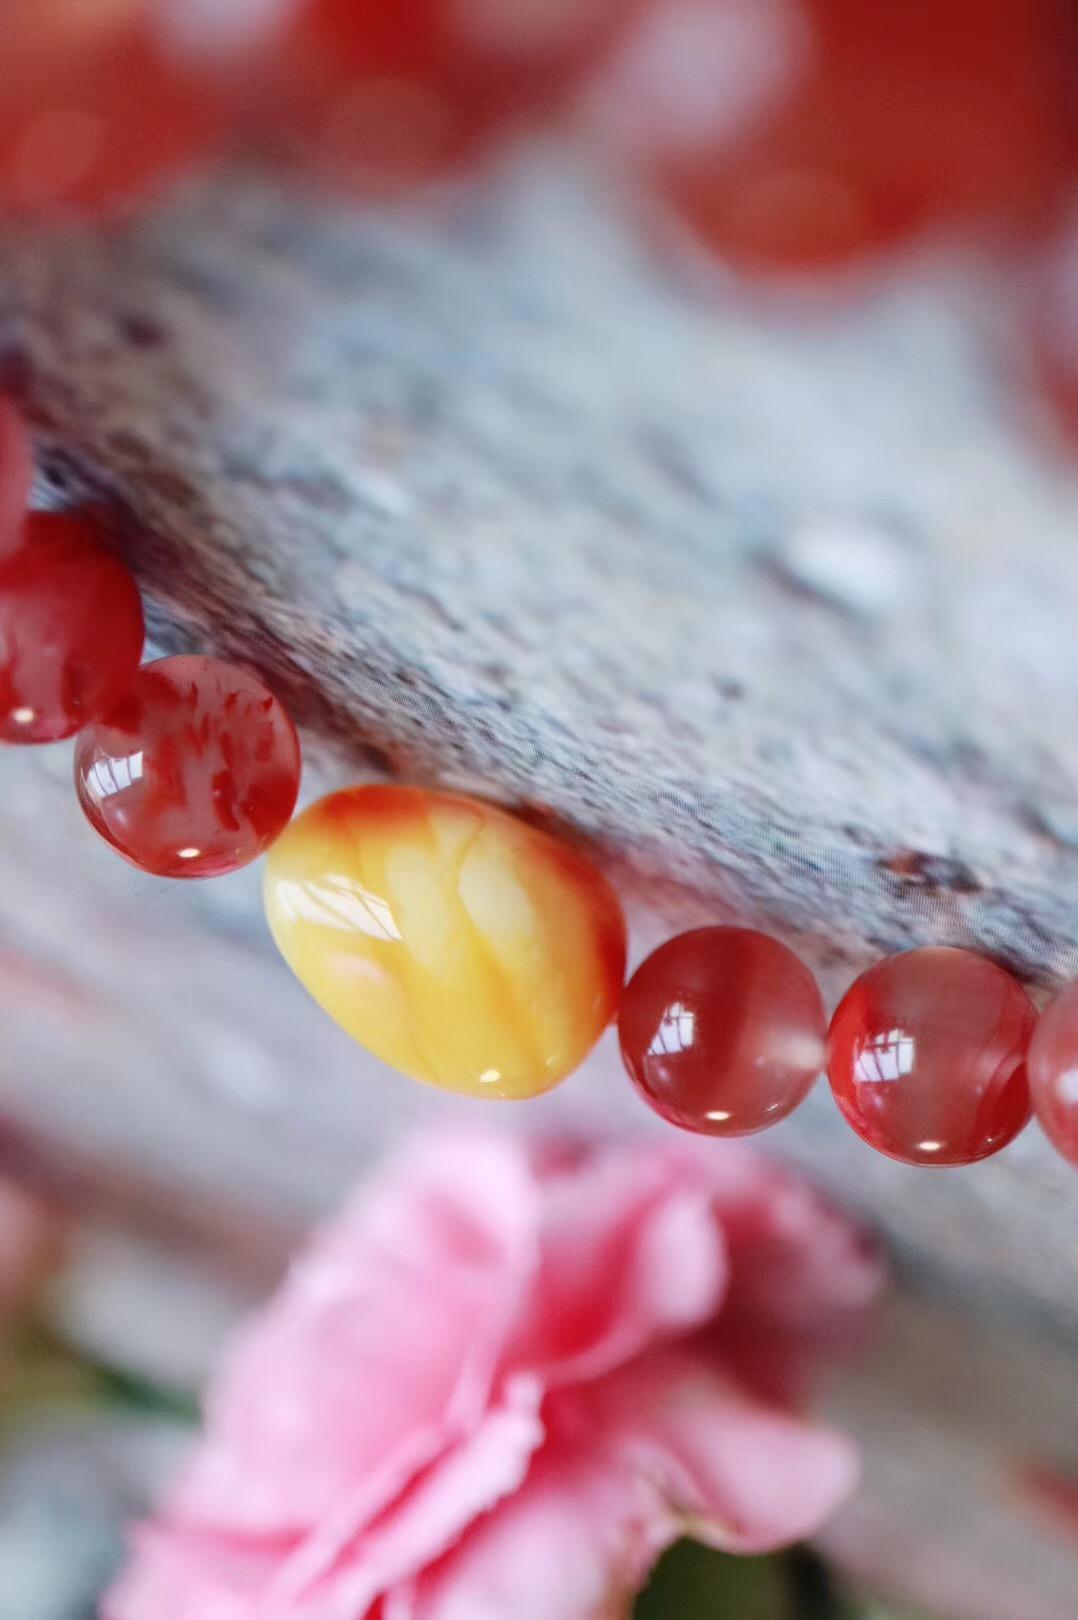 【南红冰飘】 冰地飘红,简称冰飘,南红之中最灵韵!-菩心晶舍